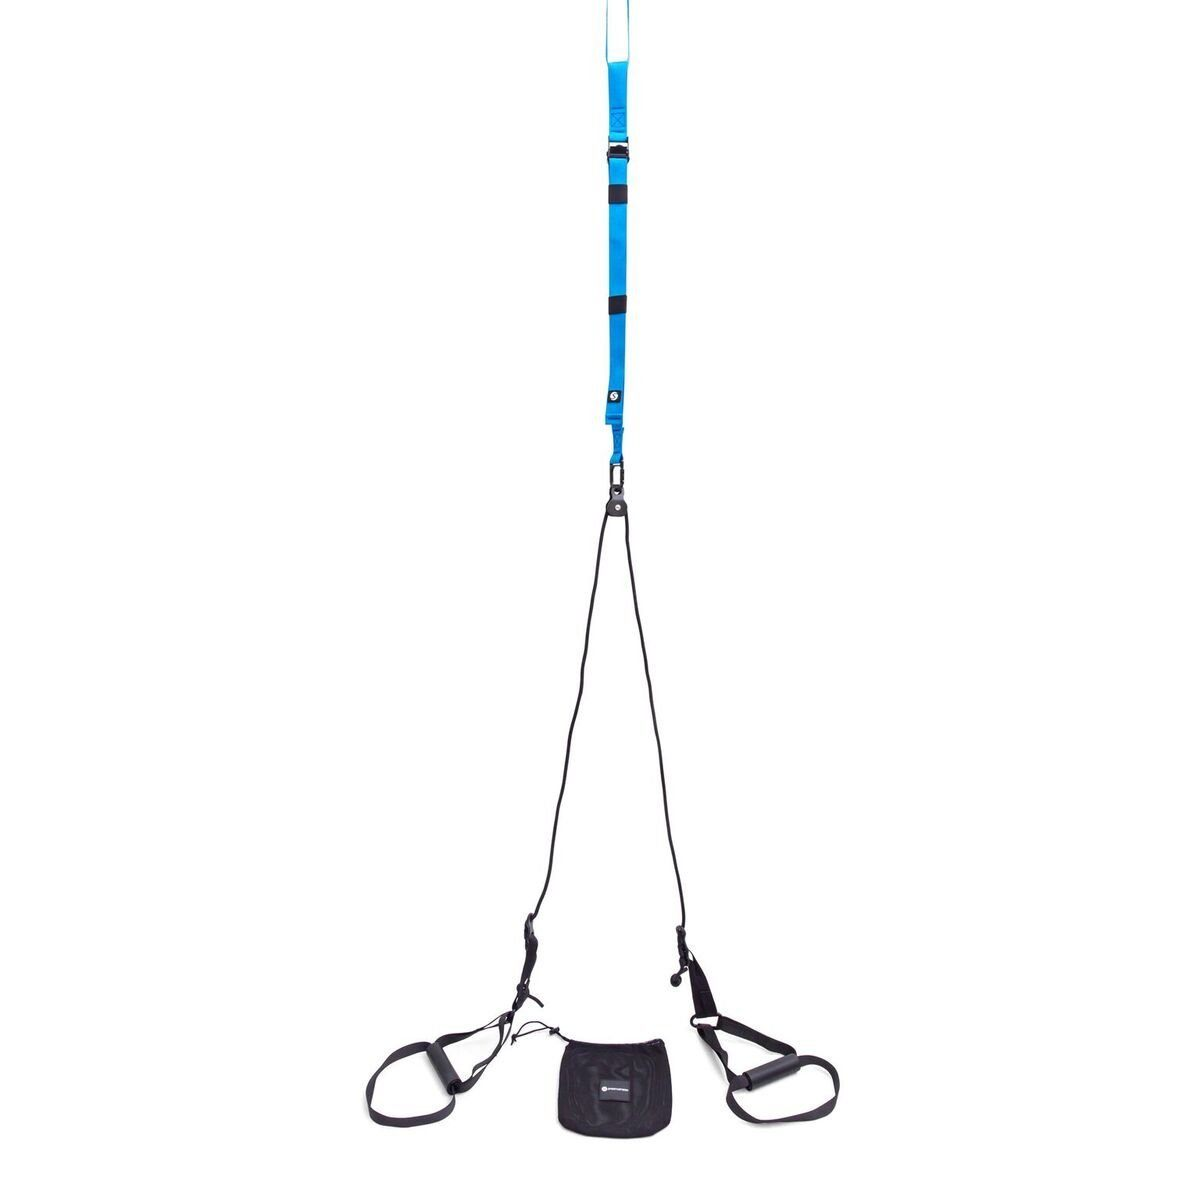 Profi-Schlingentrainer-Set-Move-in-Loops